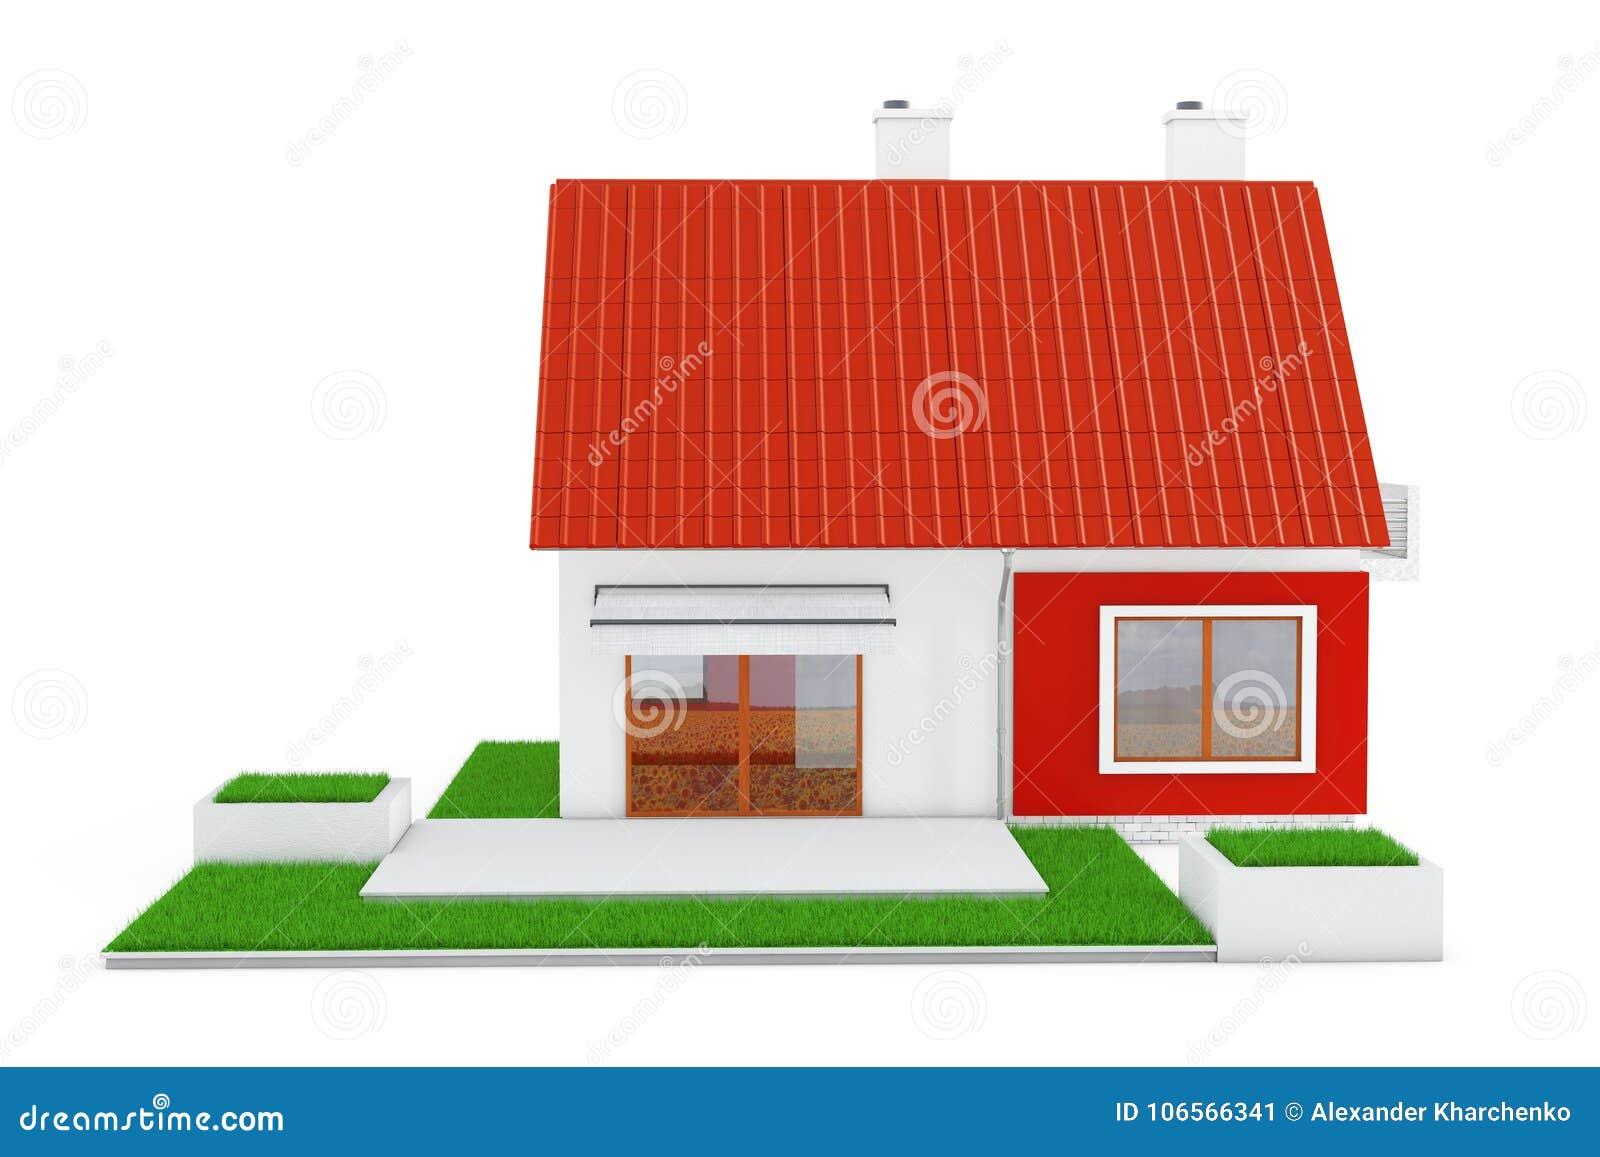 Voorgevel van Modern Plattelandshuisjehuis met Red Roof en Groen Gras 3d